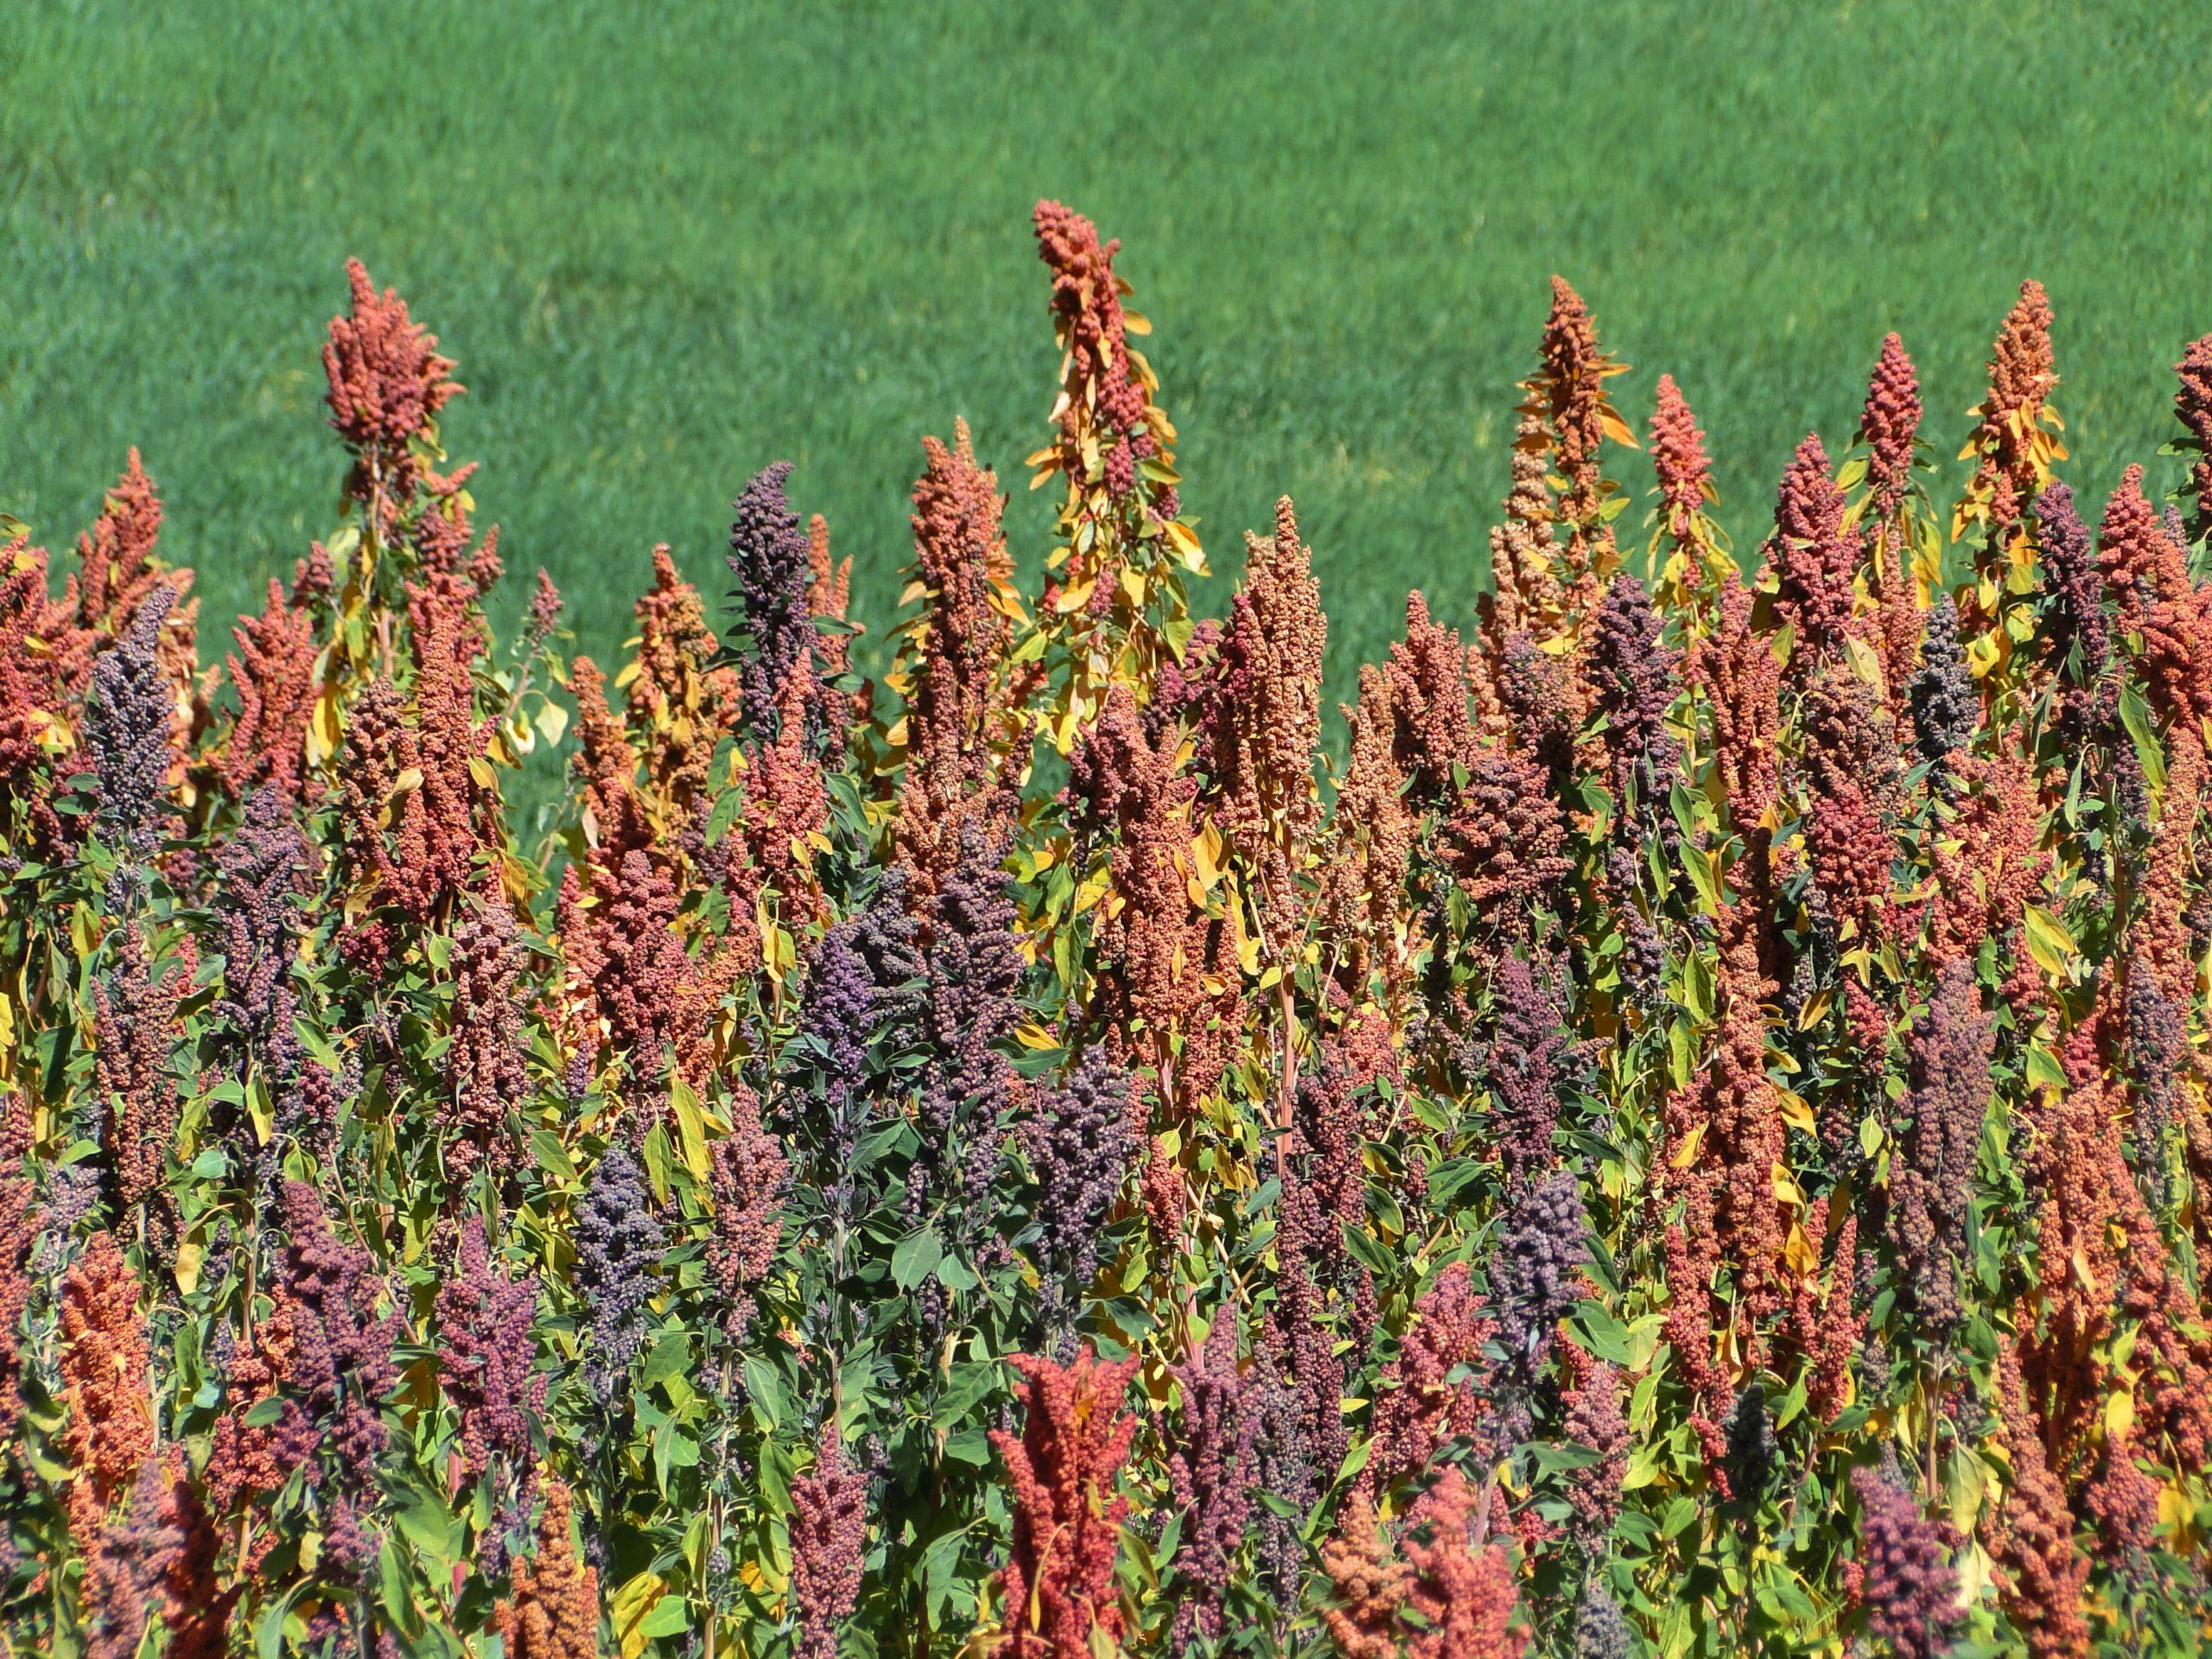 Bolivian researchers sound alarm over quinoa farming